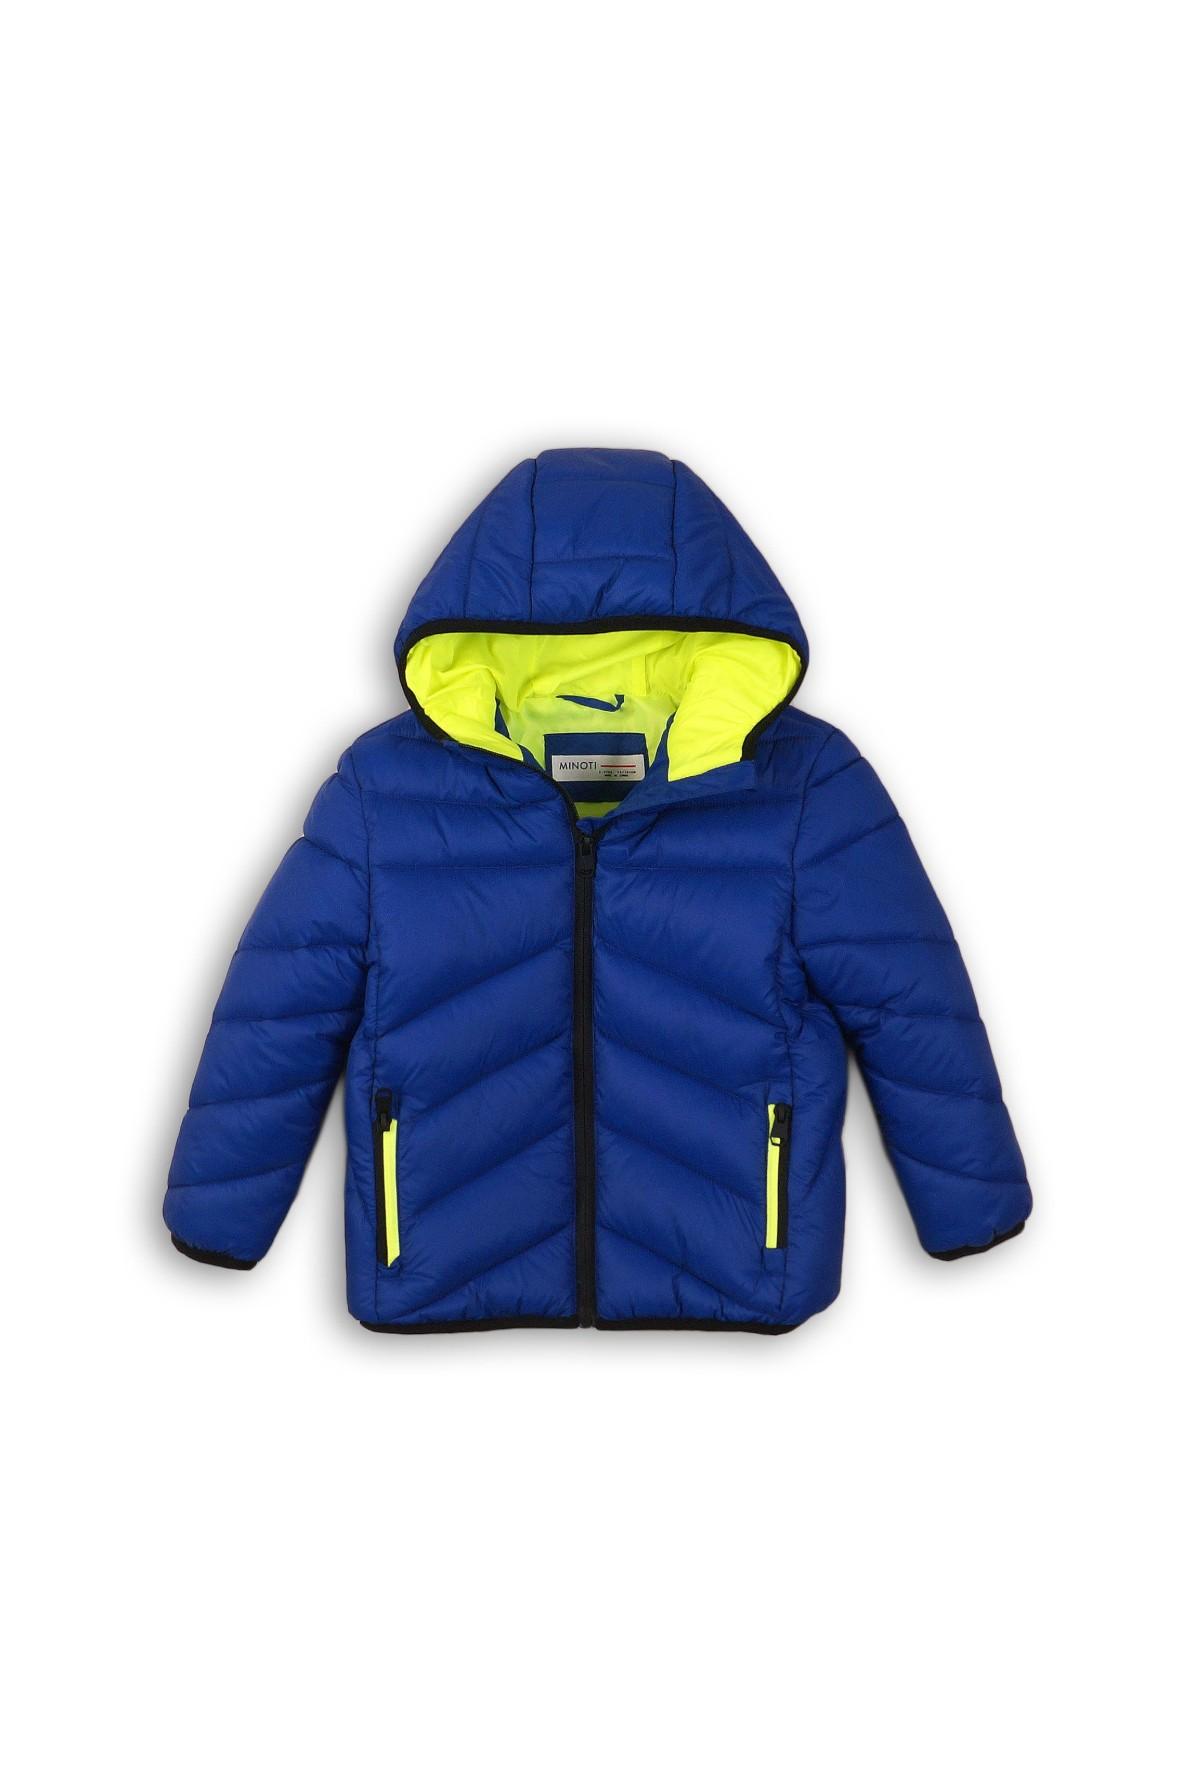 Granatowa pikowana kurtka dla chłopca- kontrastowa podszewka